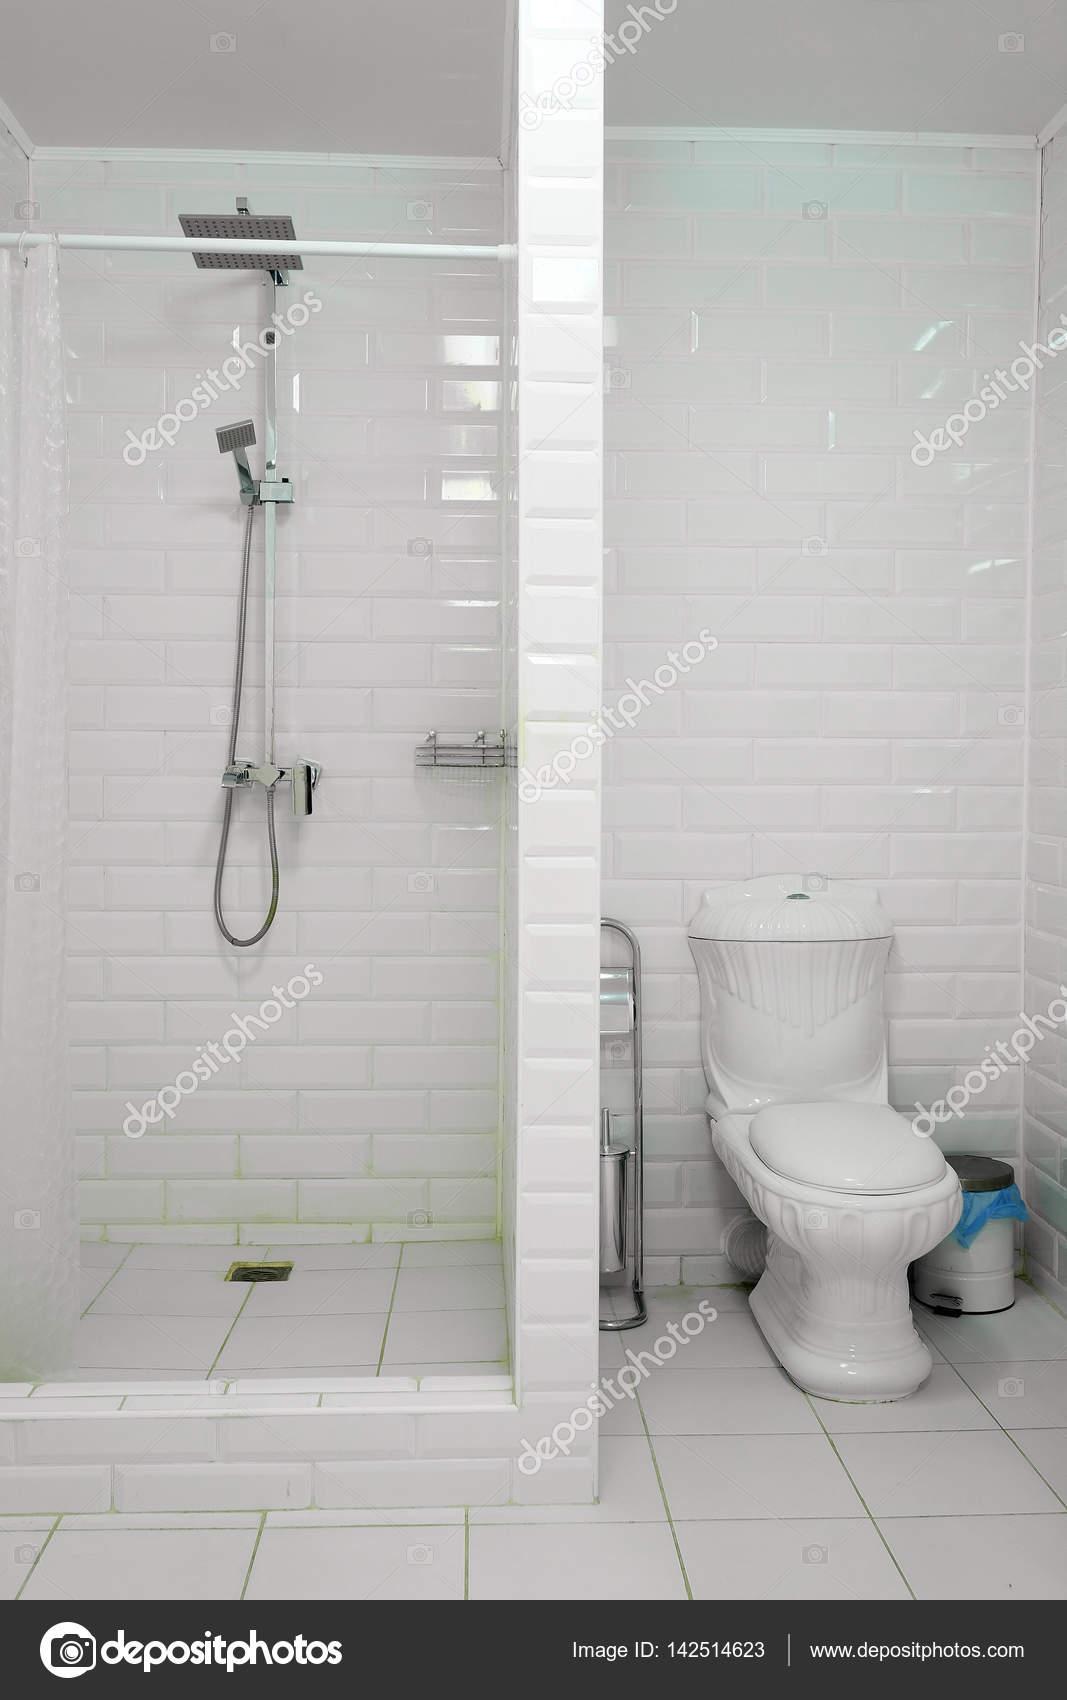 doucheruimte met toilet uitgelijnd — Stockfoto © uatp12 #142514623